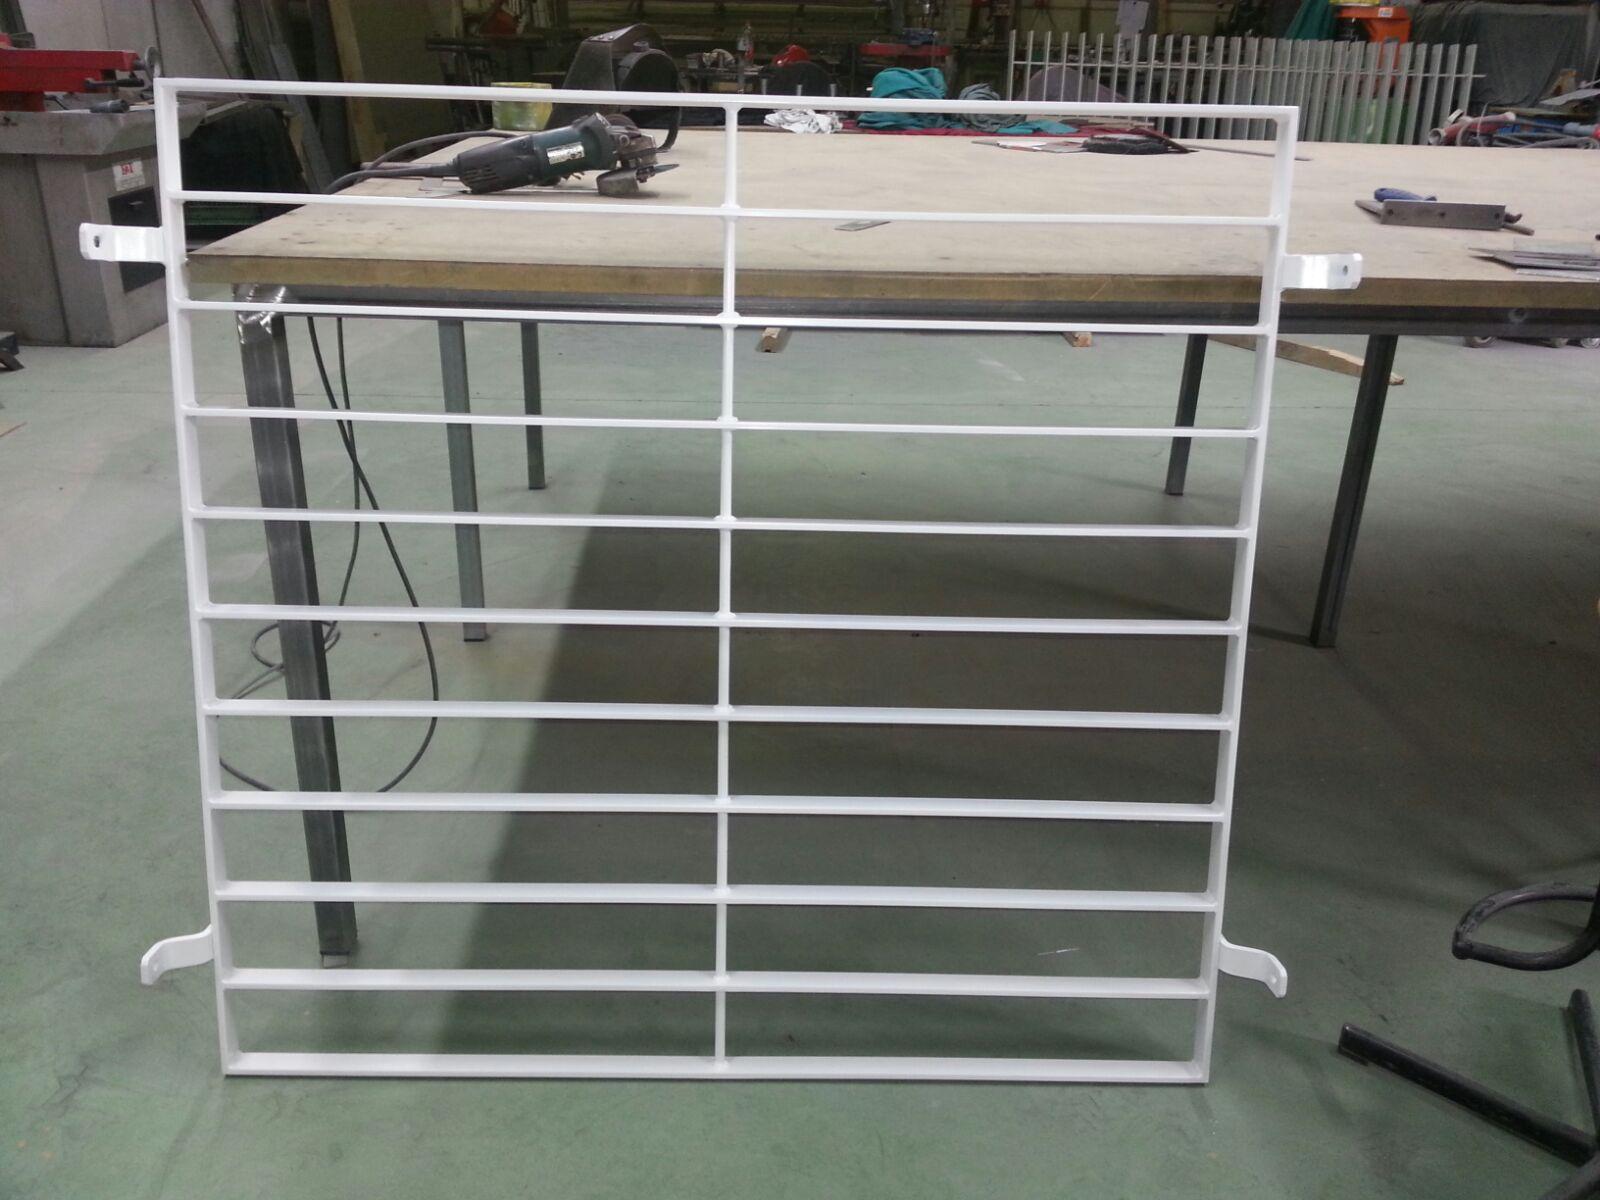 Foto 4 de Carpintería de aluminio, metálica y PVC en Terrassa | Tancaments Cusidó